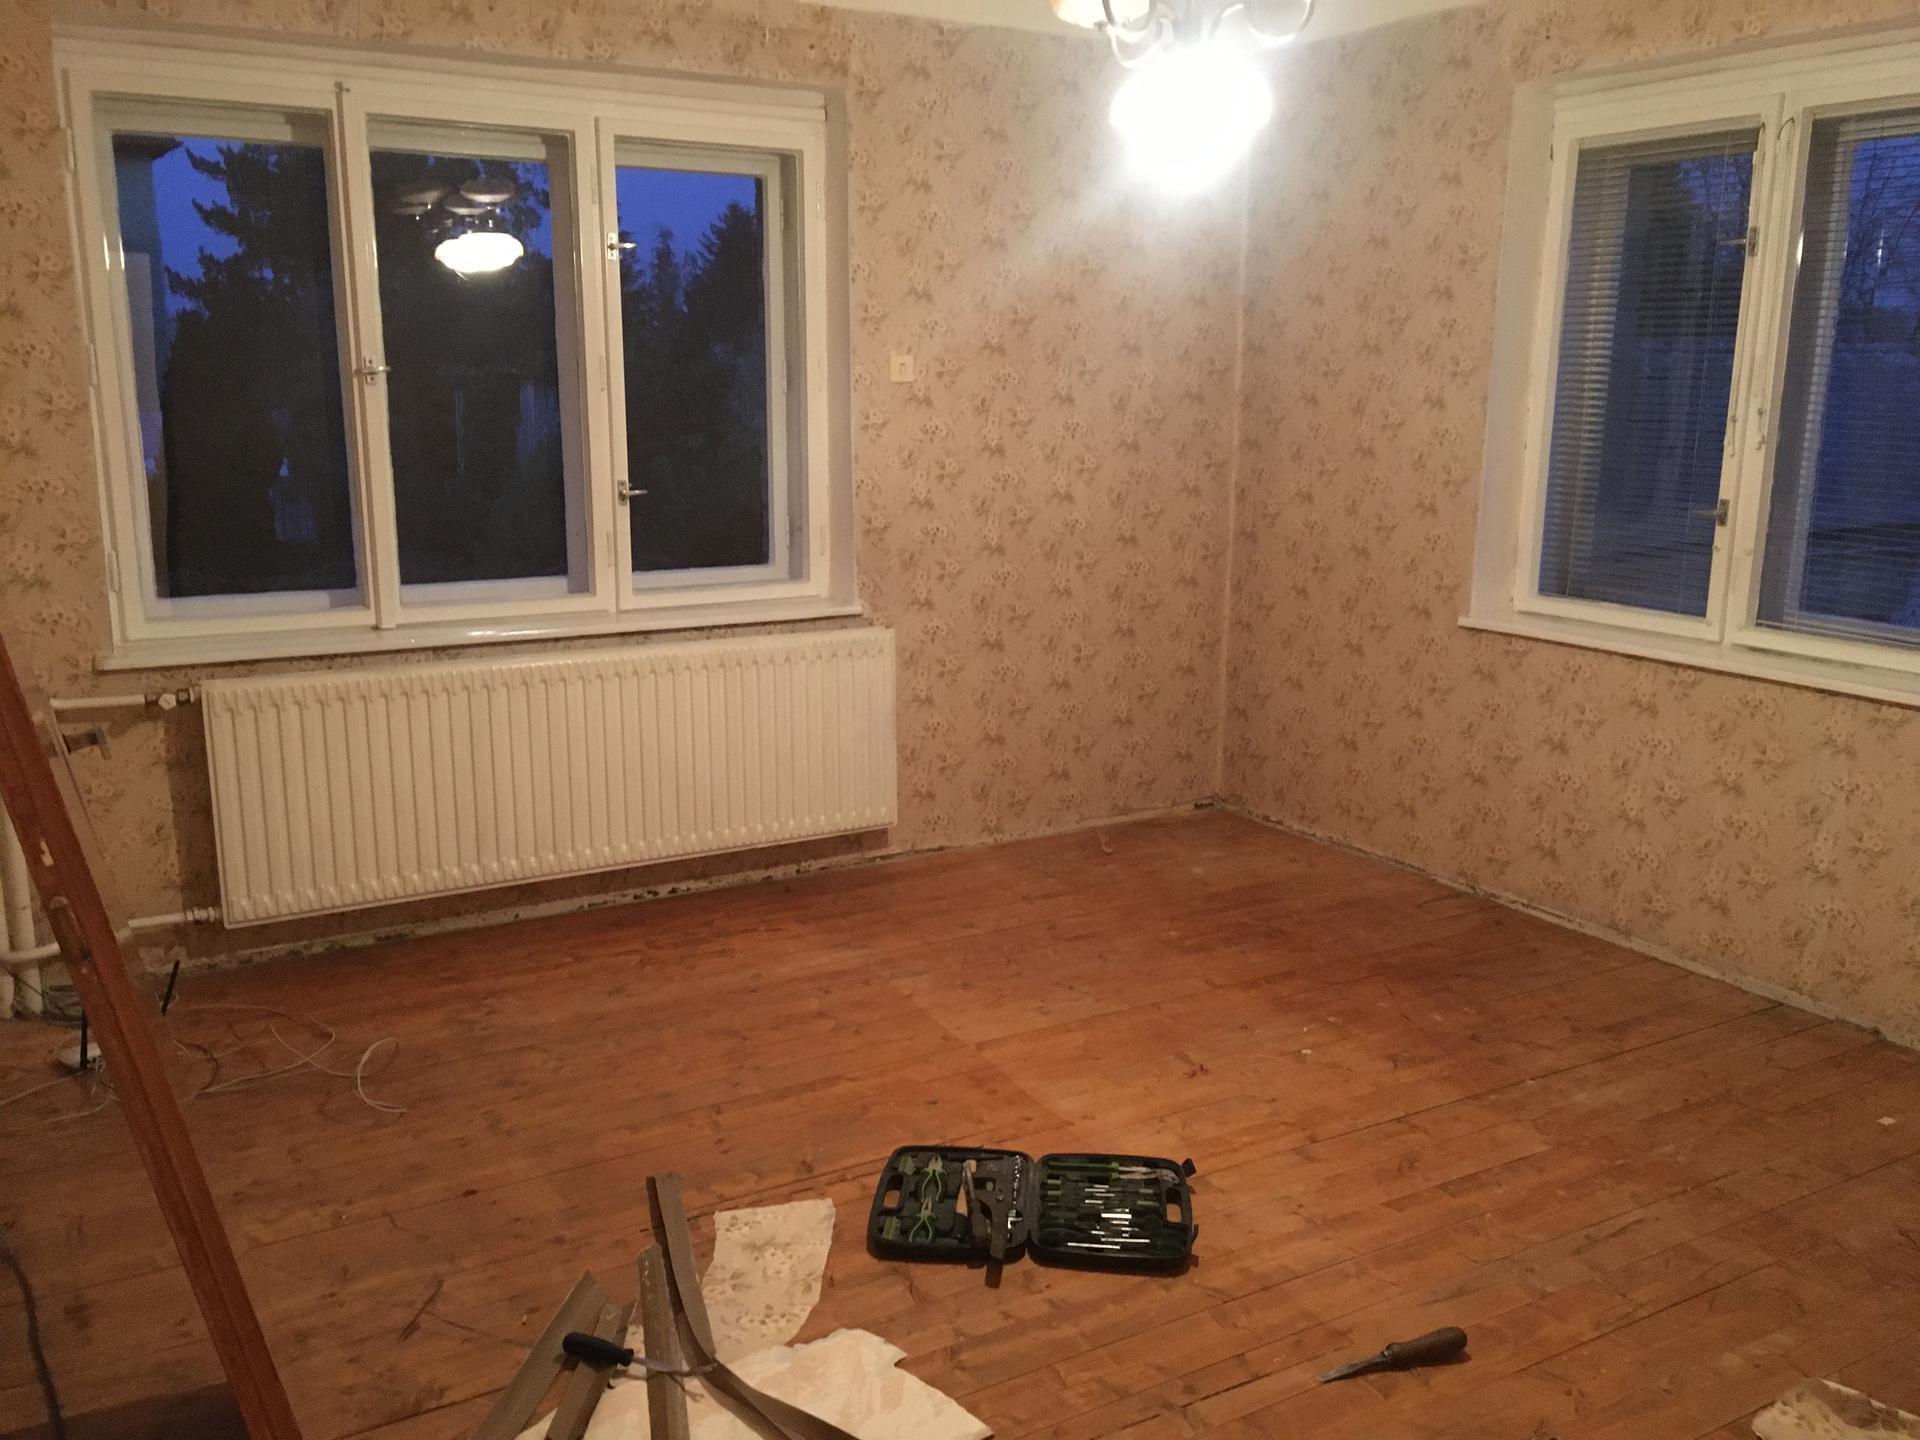 Rekonstrukce 🏡 20/21 - Vyklizená ložnice - příprava na bourání příčky